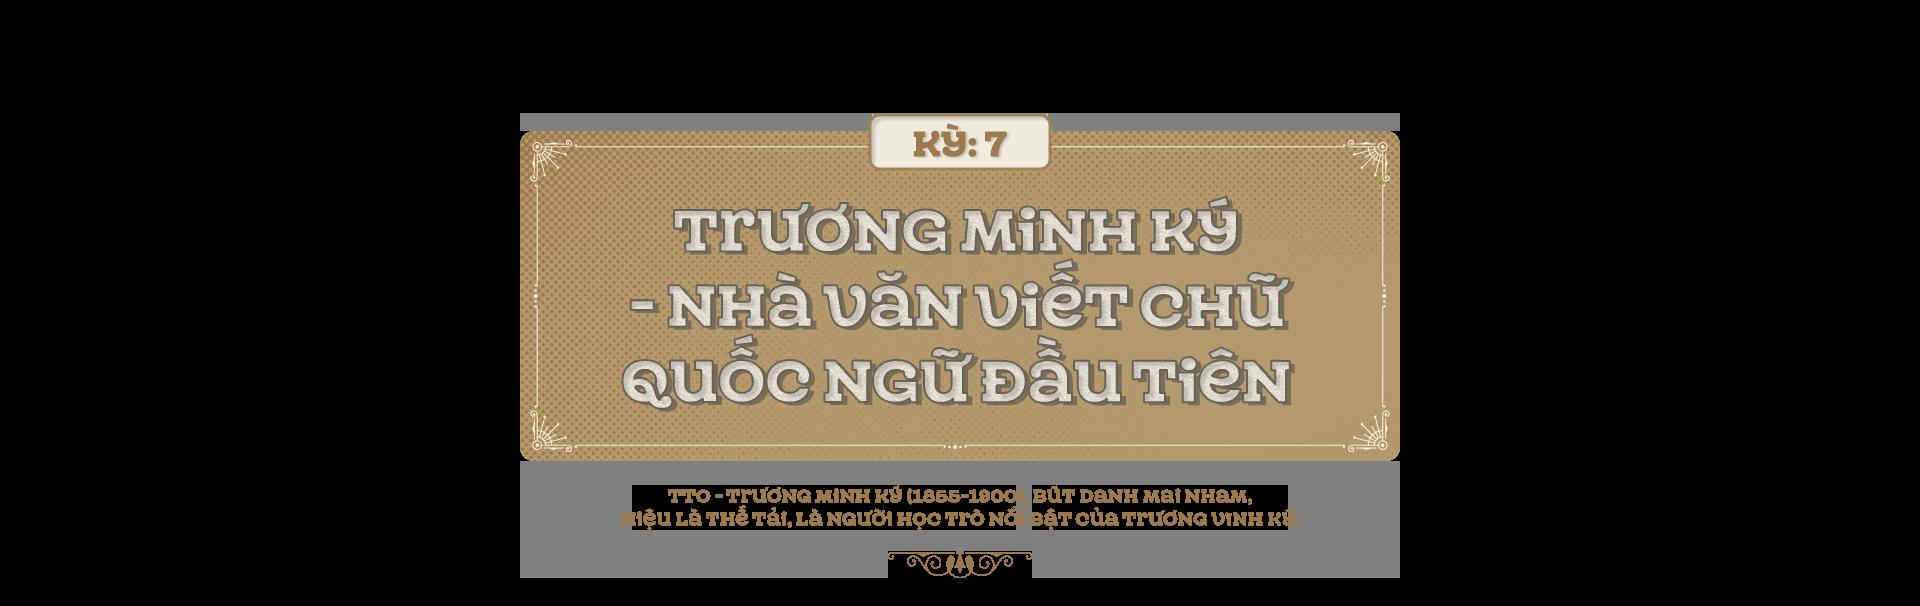 Kỳ 7: Trương Minh Ký - Nhà văn viết chữ quốc ngữ đầu tiên - Ảnh 1.